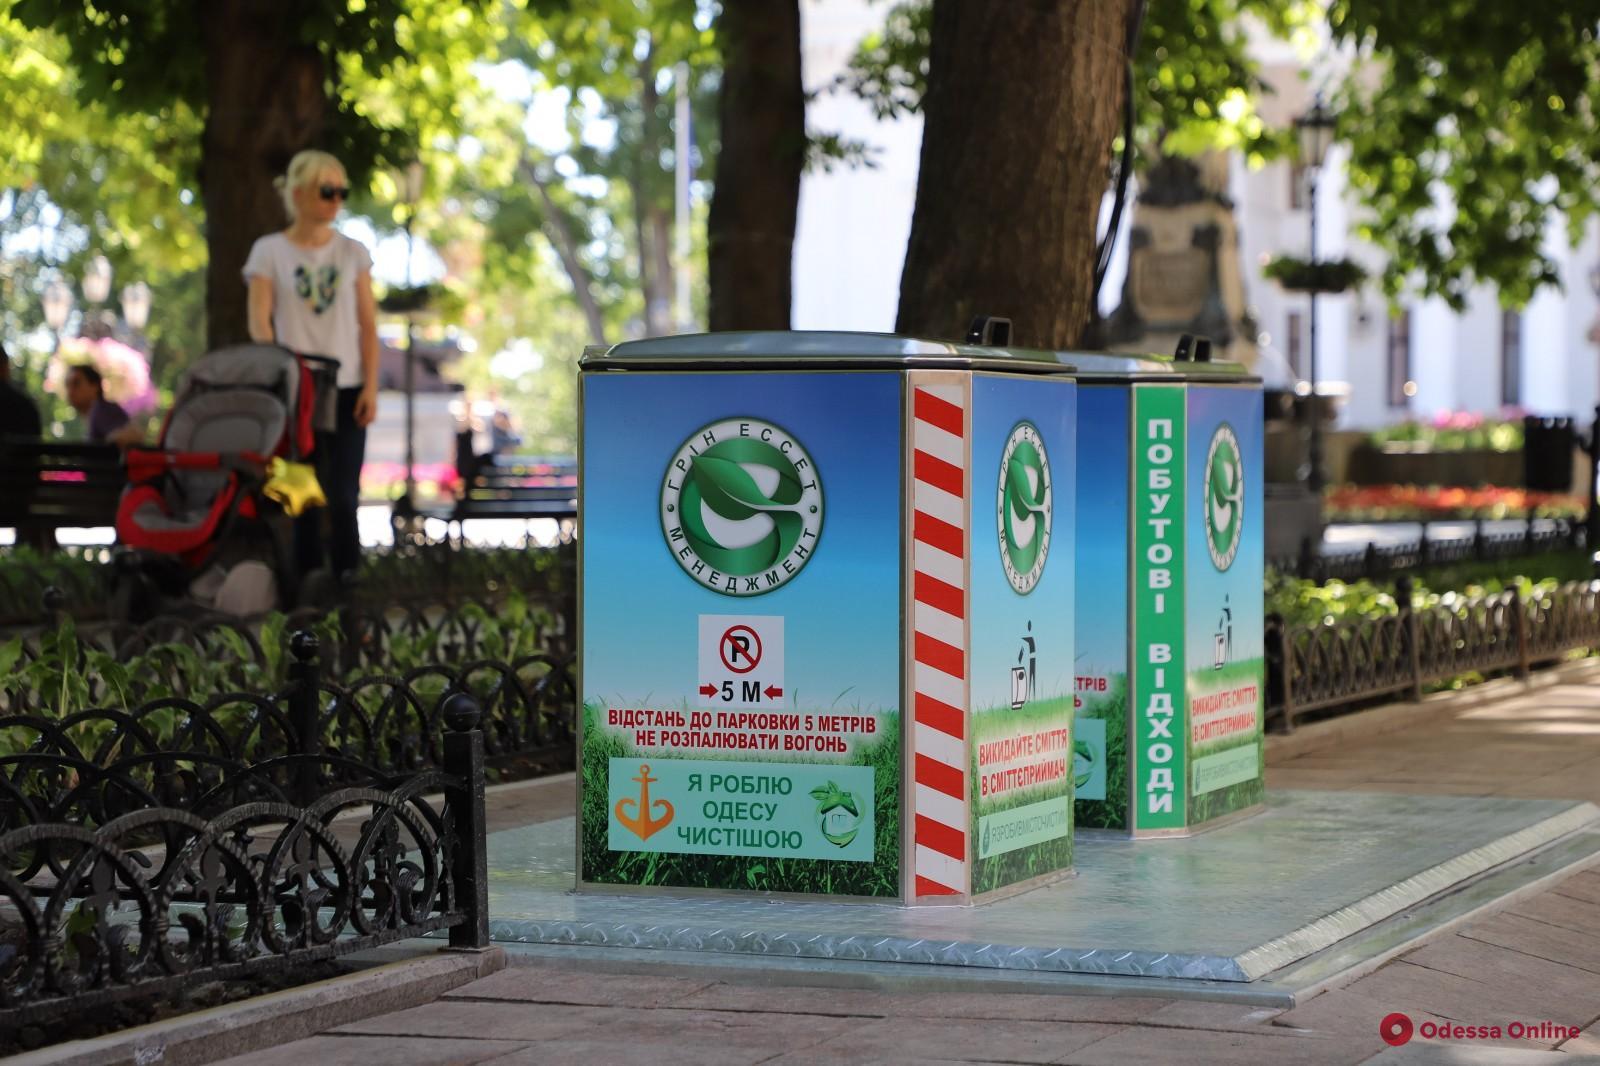 На Приморском бульваре установили восемь подземных мусорных контейнеров (фото, видео)